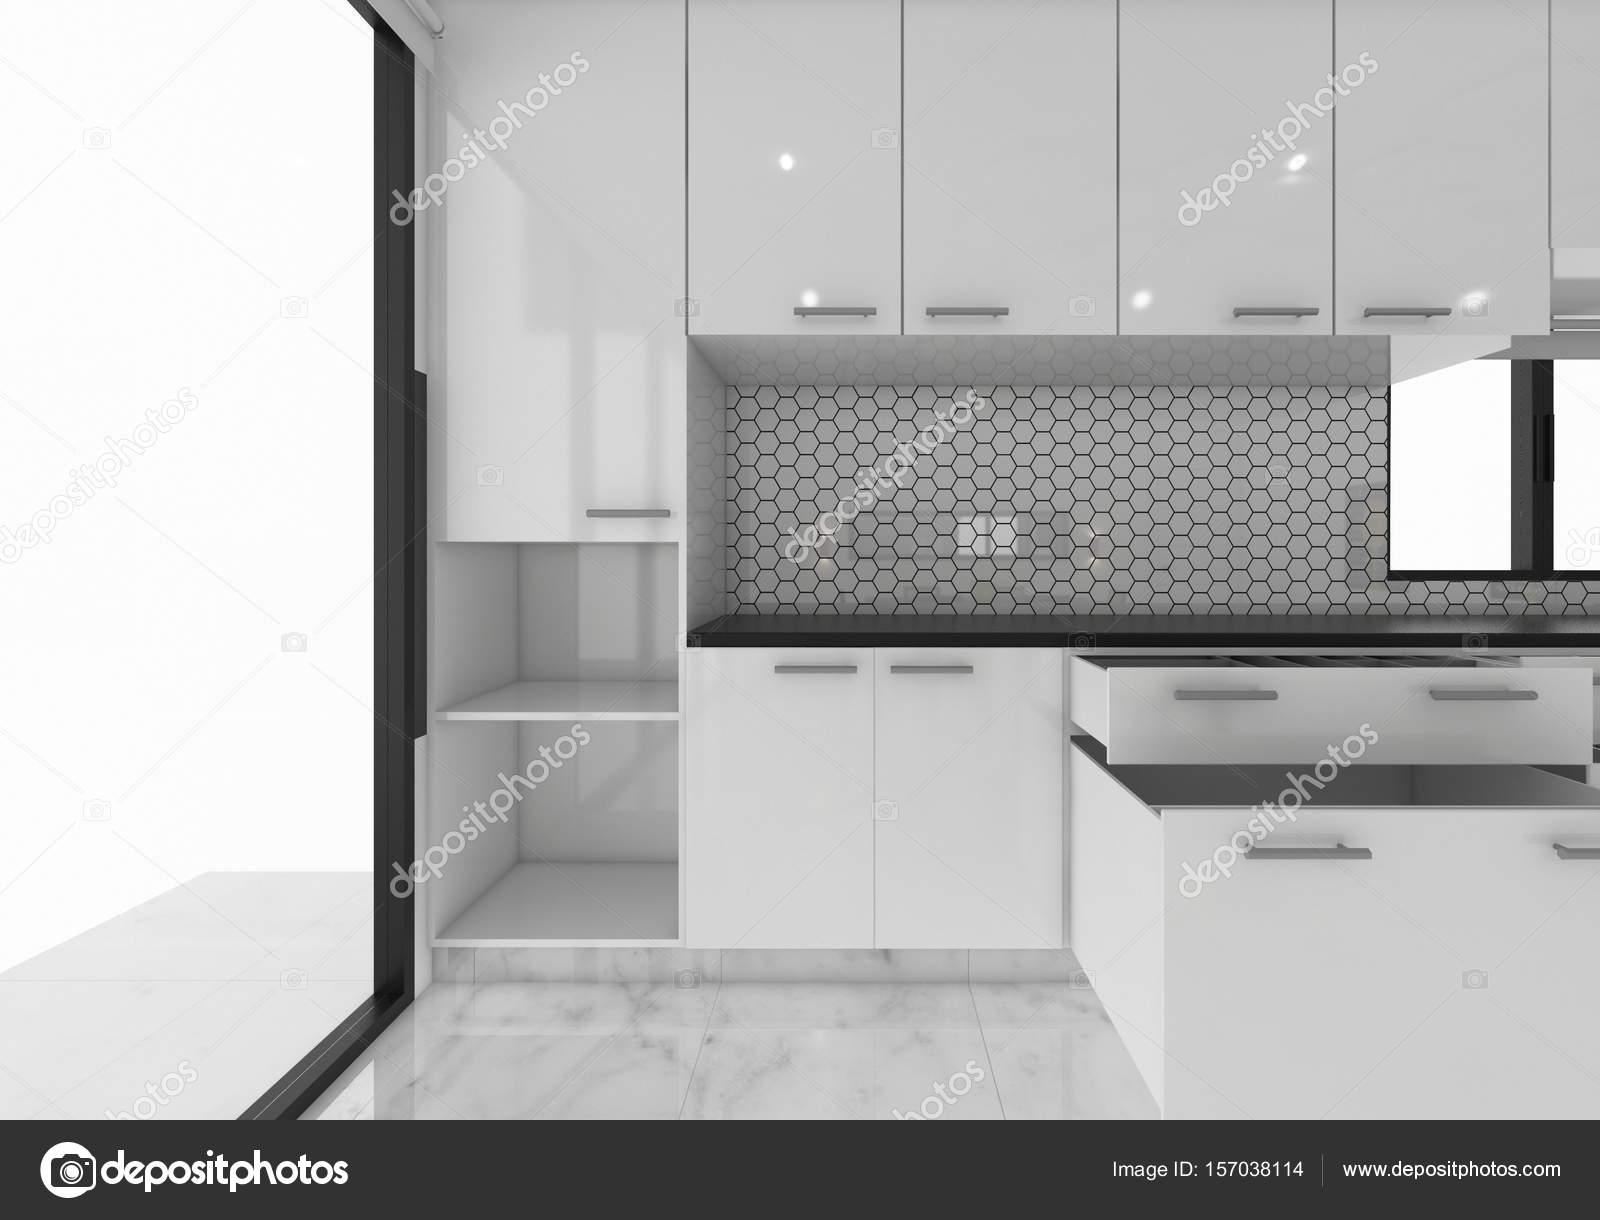 Aberto a ideias de arm rios da cozinha design de conceito for Aplicacion para disenar armarios